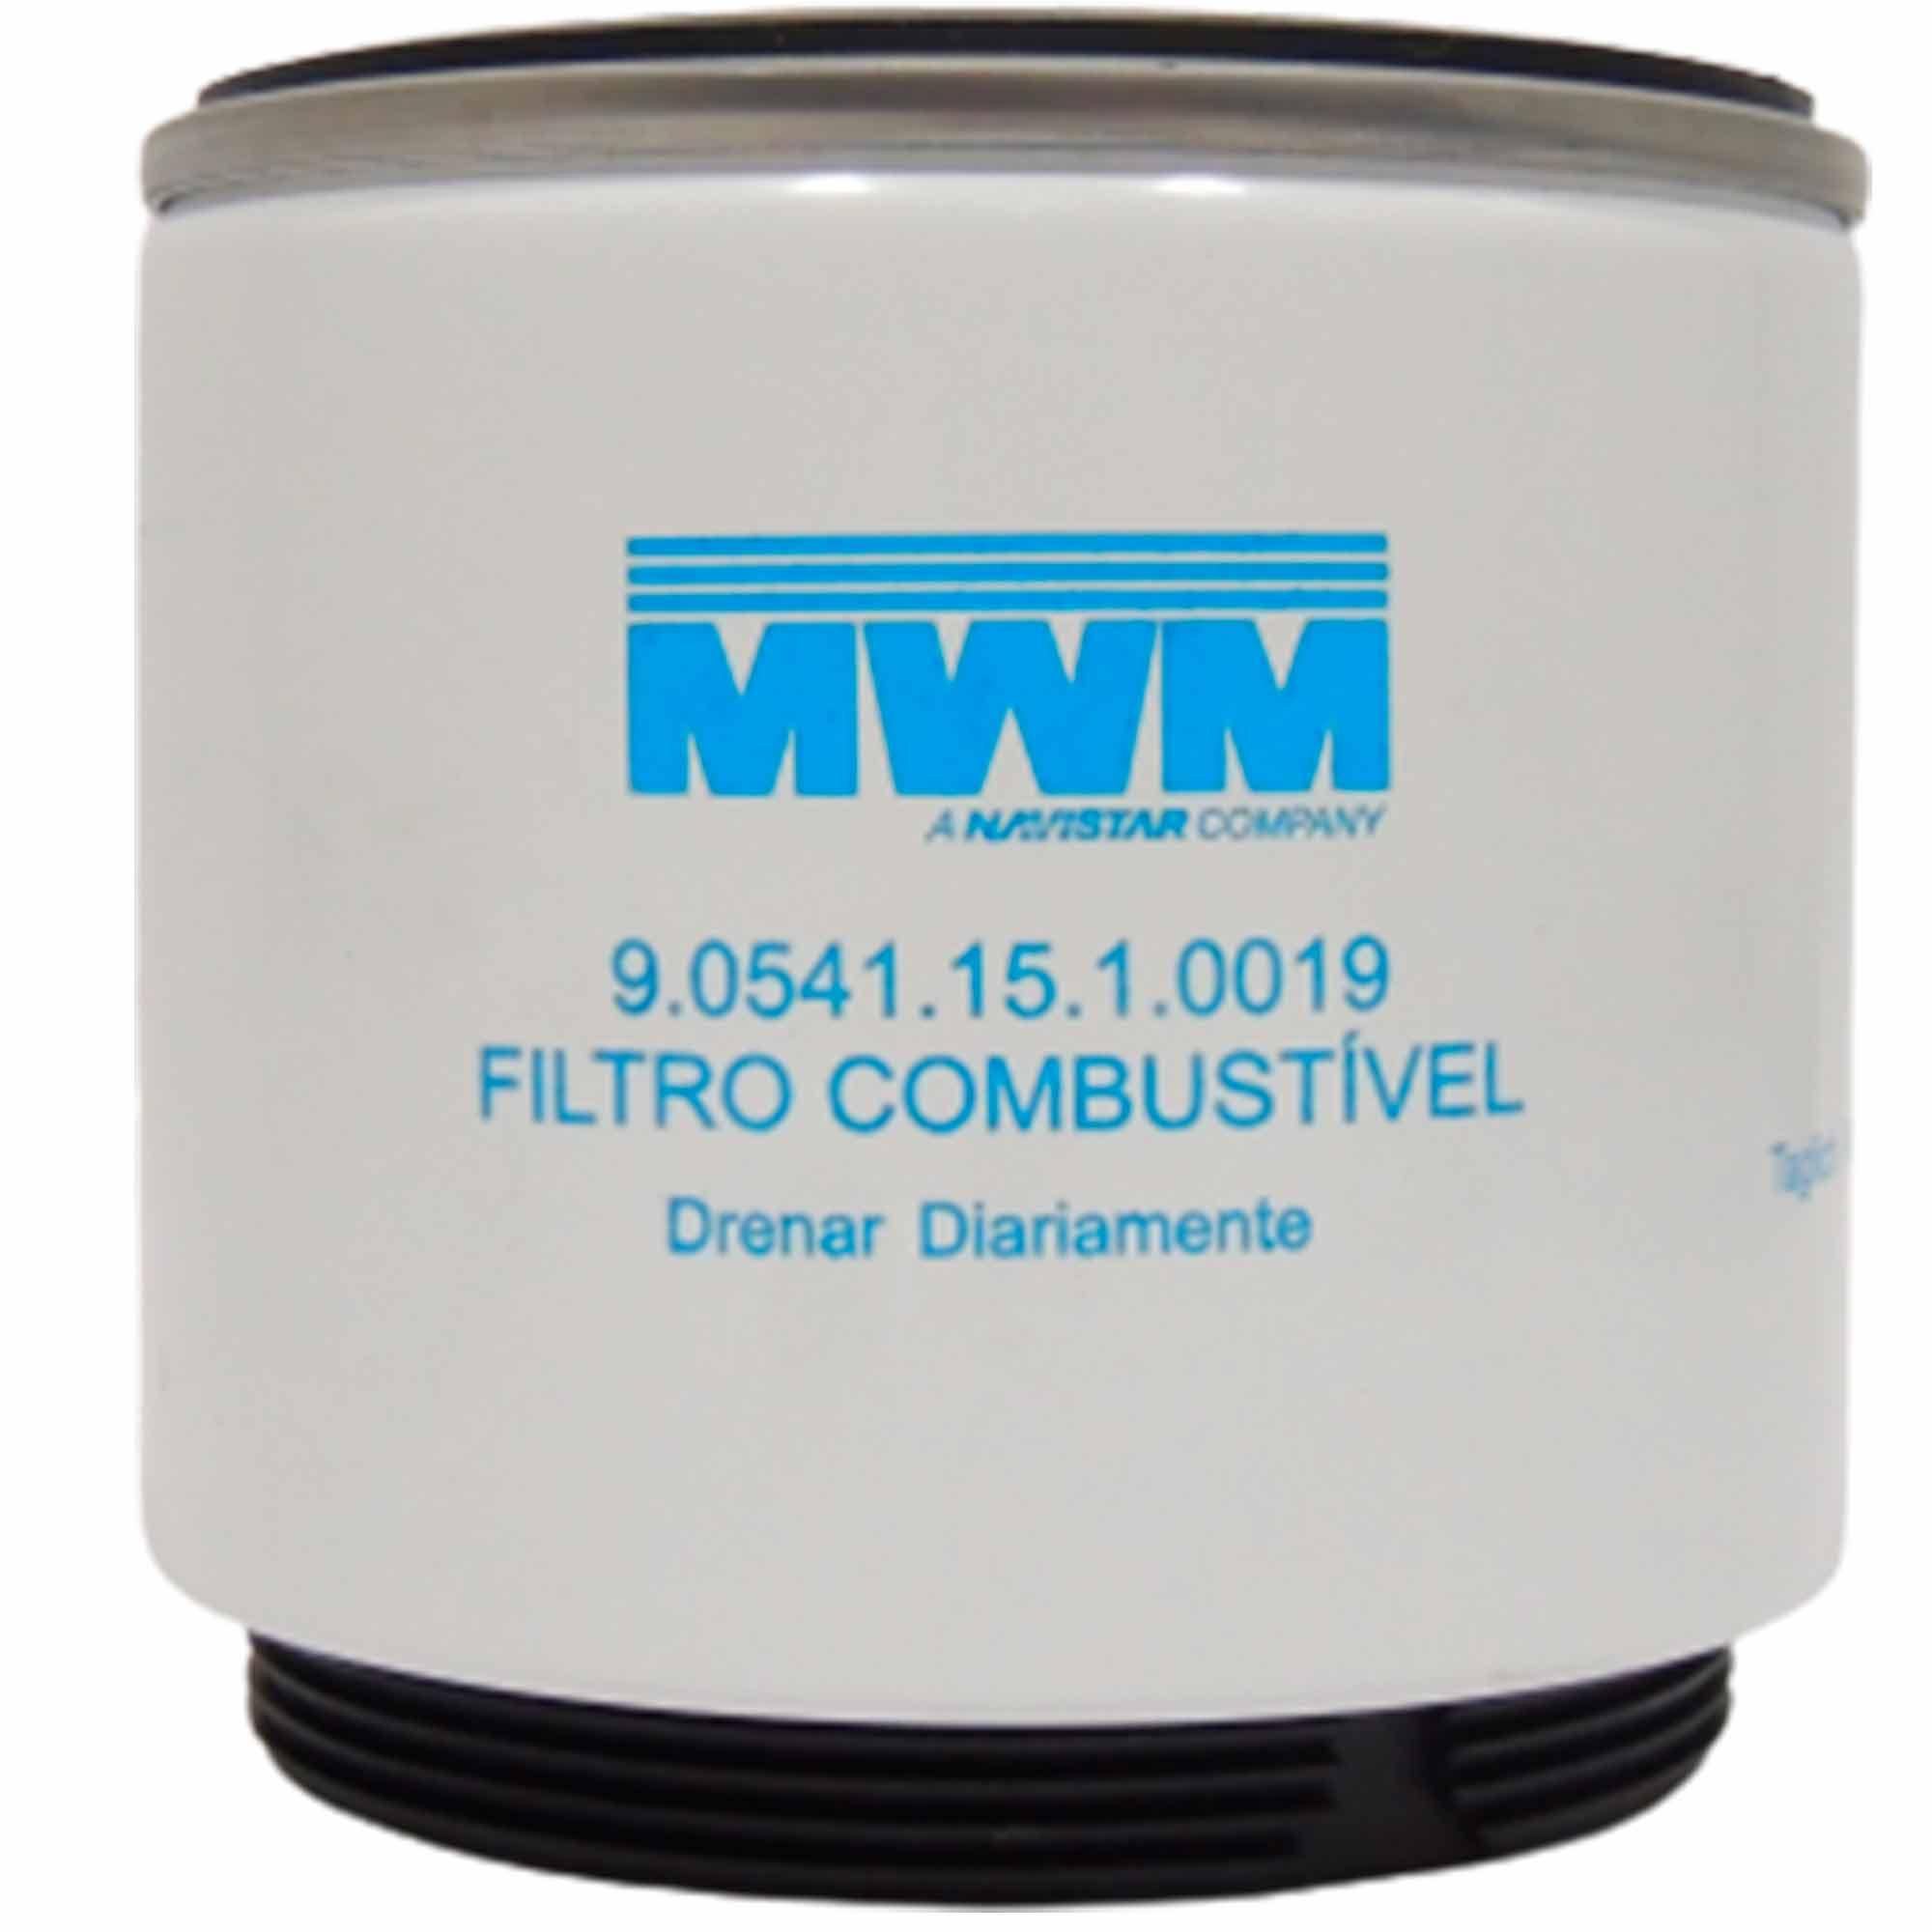 905411510019 - Filtro de óleo de combustível